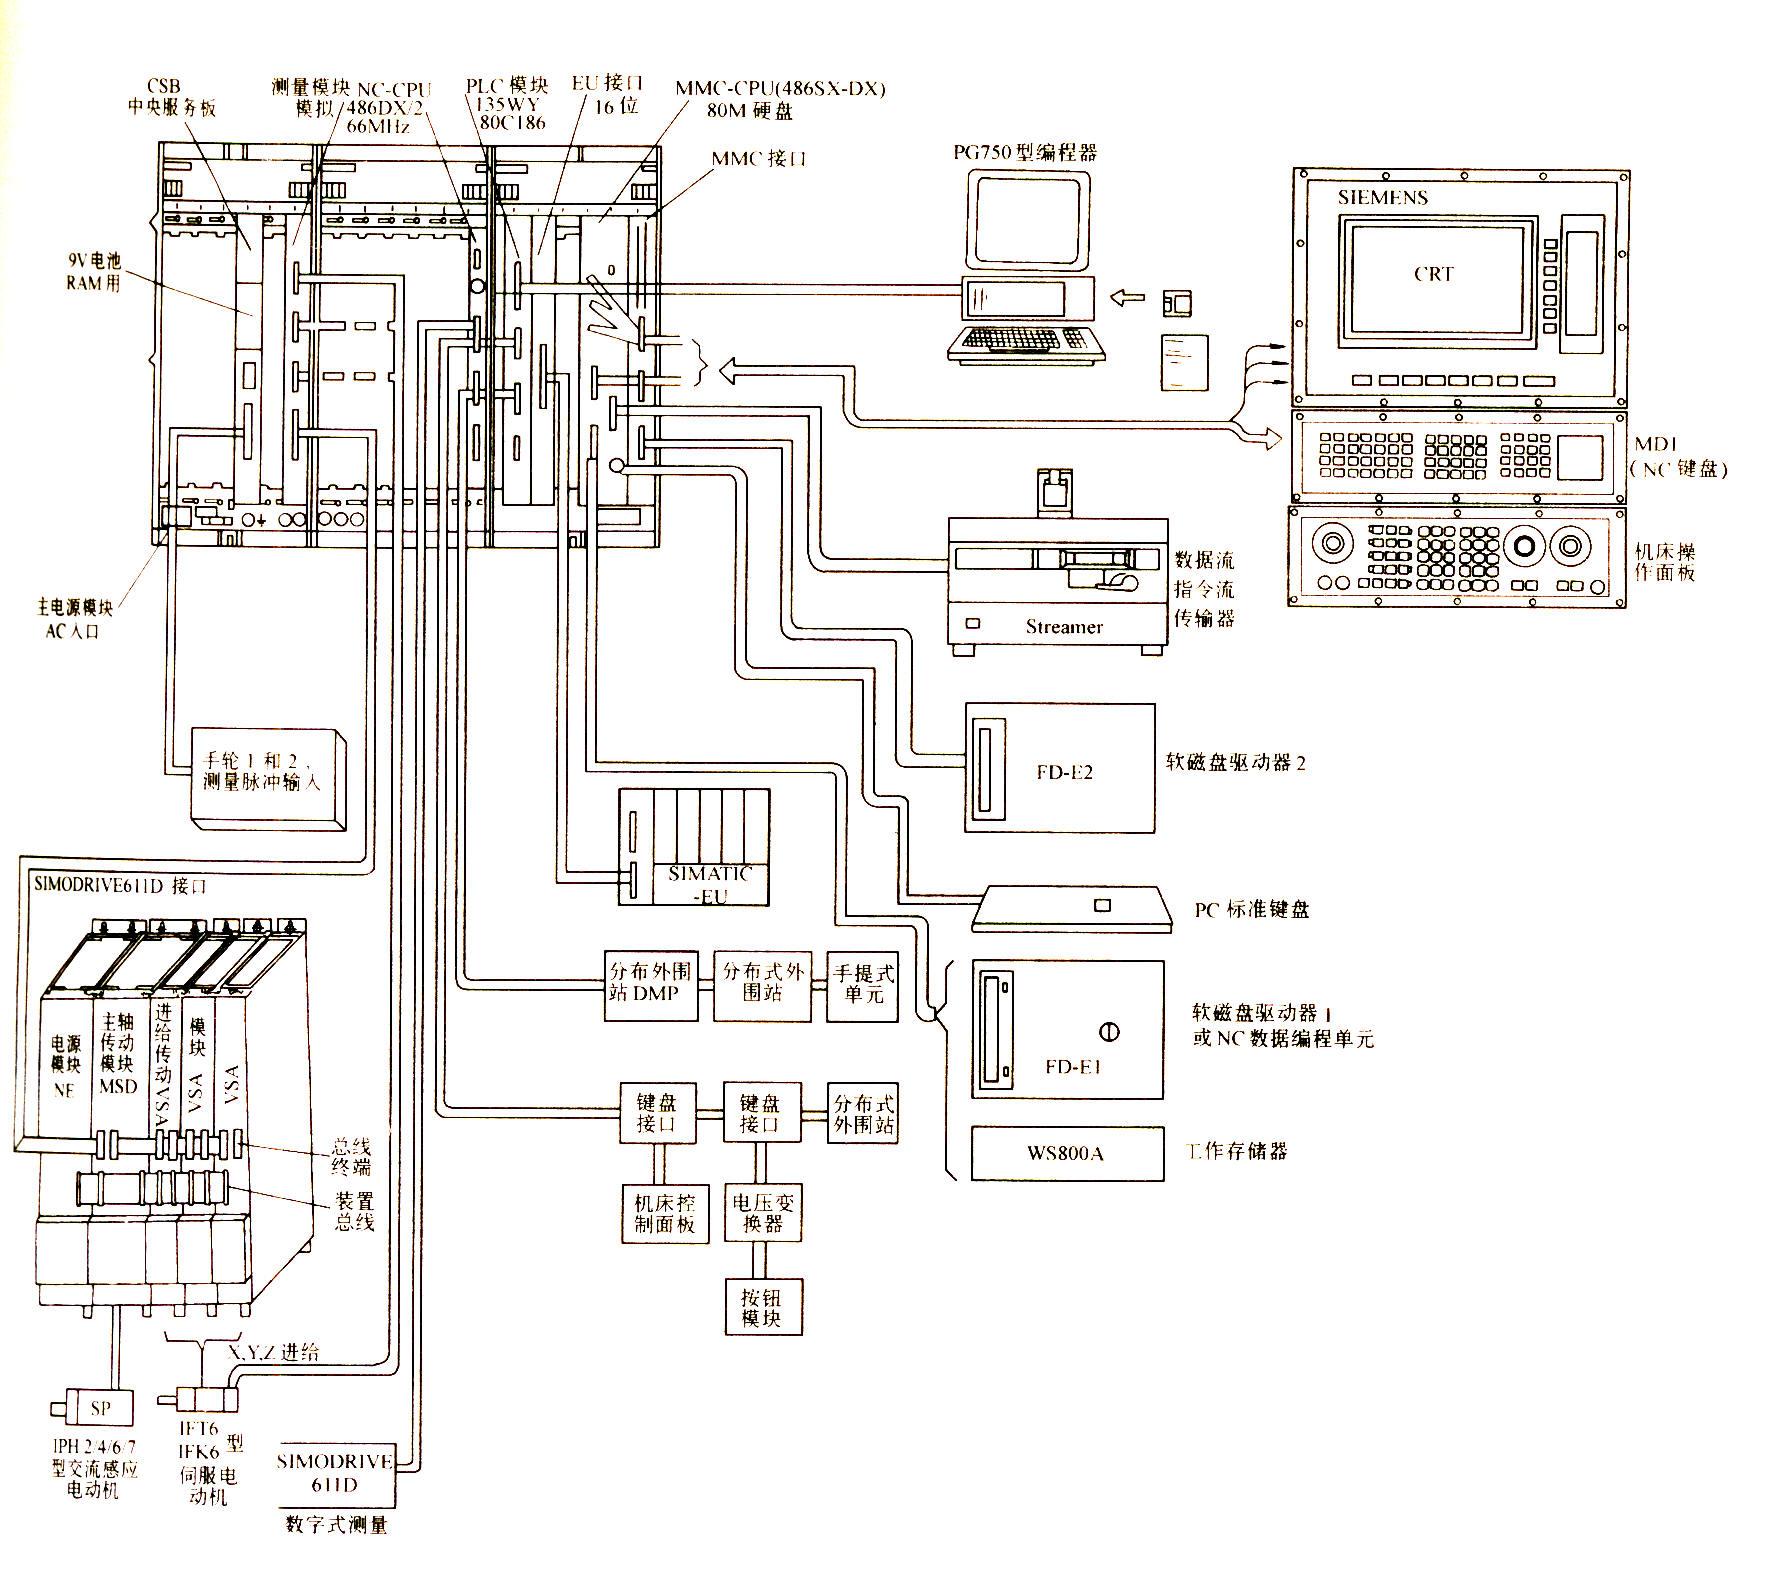 plcs7-200 cpu226外围接线图